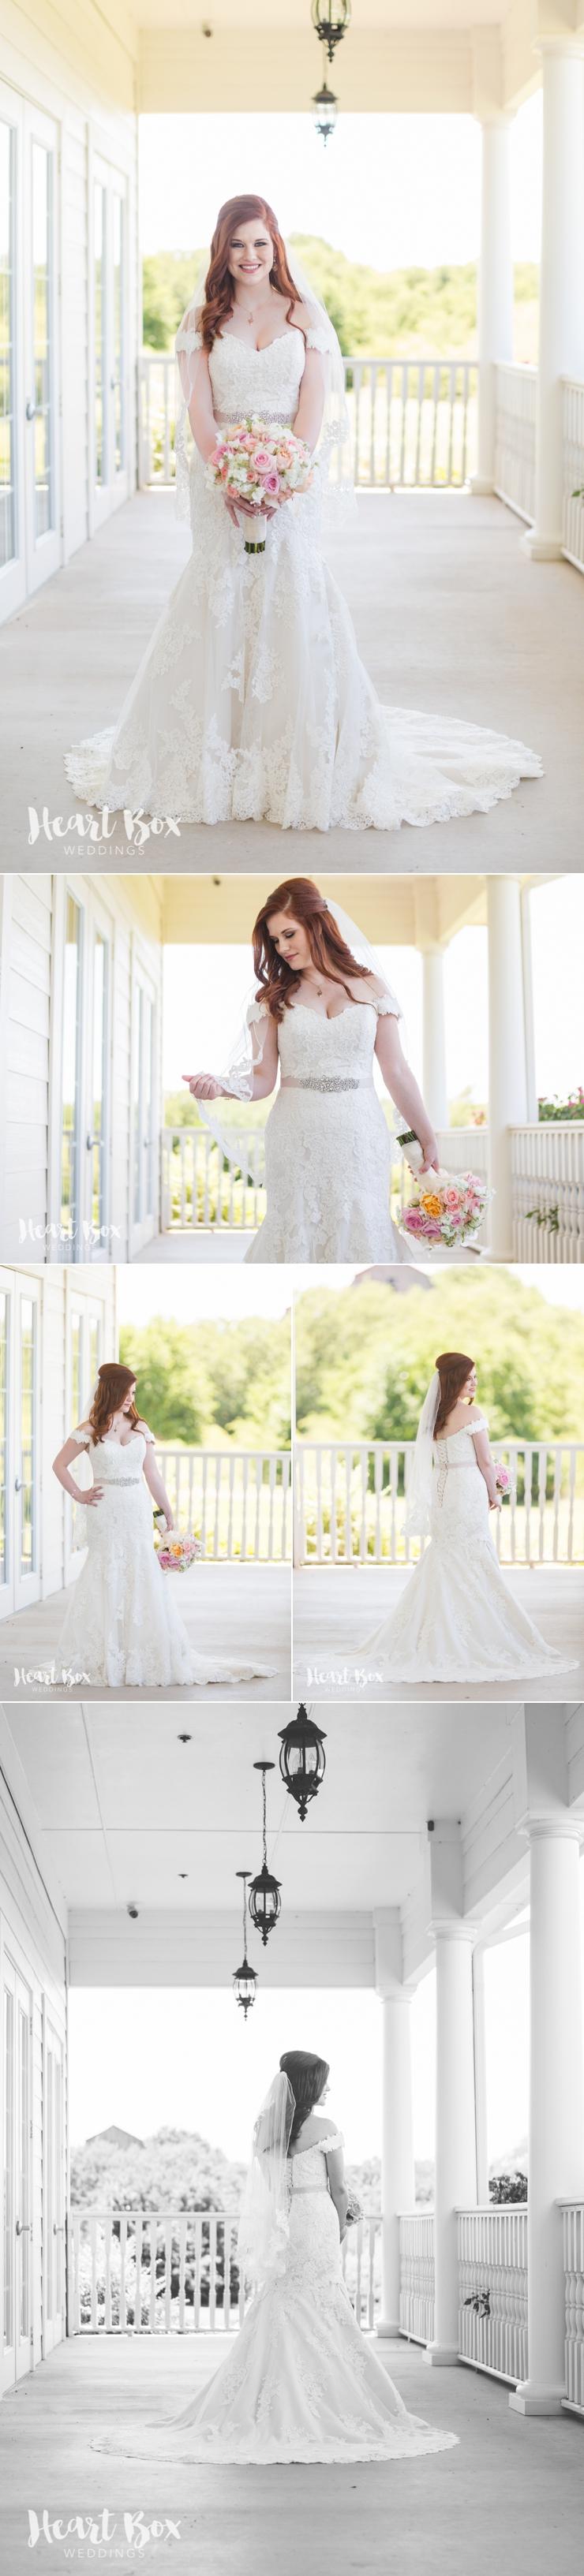 Muprhey Wedding Blog Collages 7.jpg